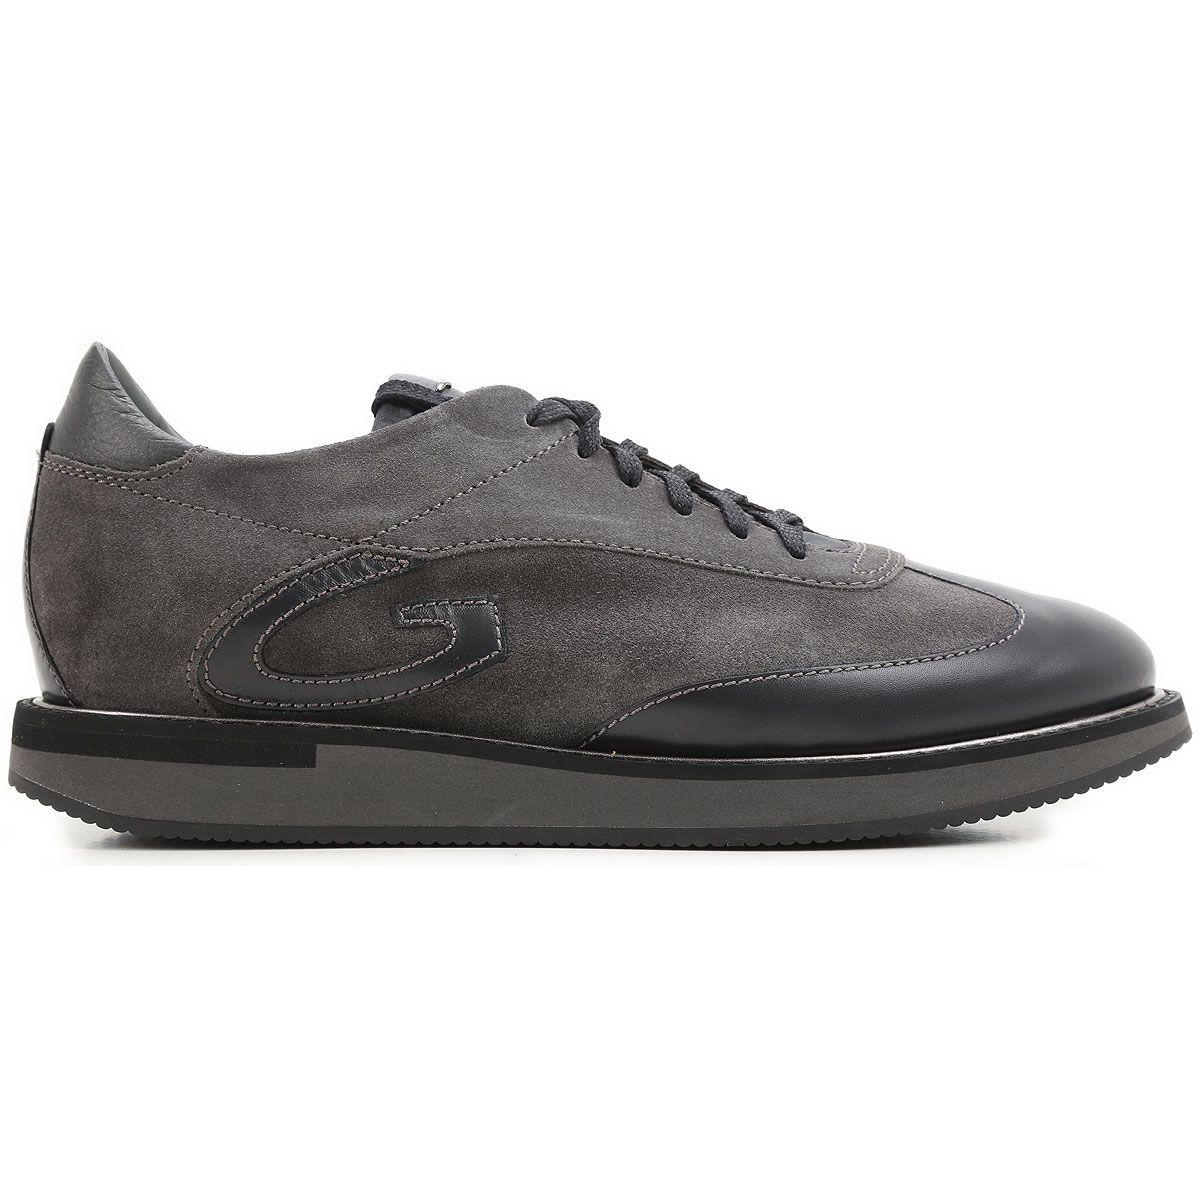 Chaussures De Sport Pour Les Hommes En Vente, Baltiques Bleu, Cuir, 2017, 40 Hogan